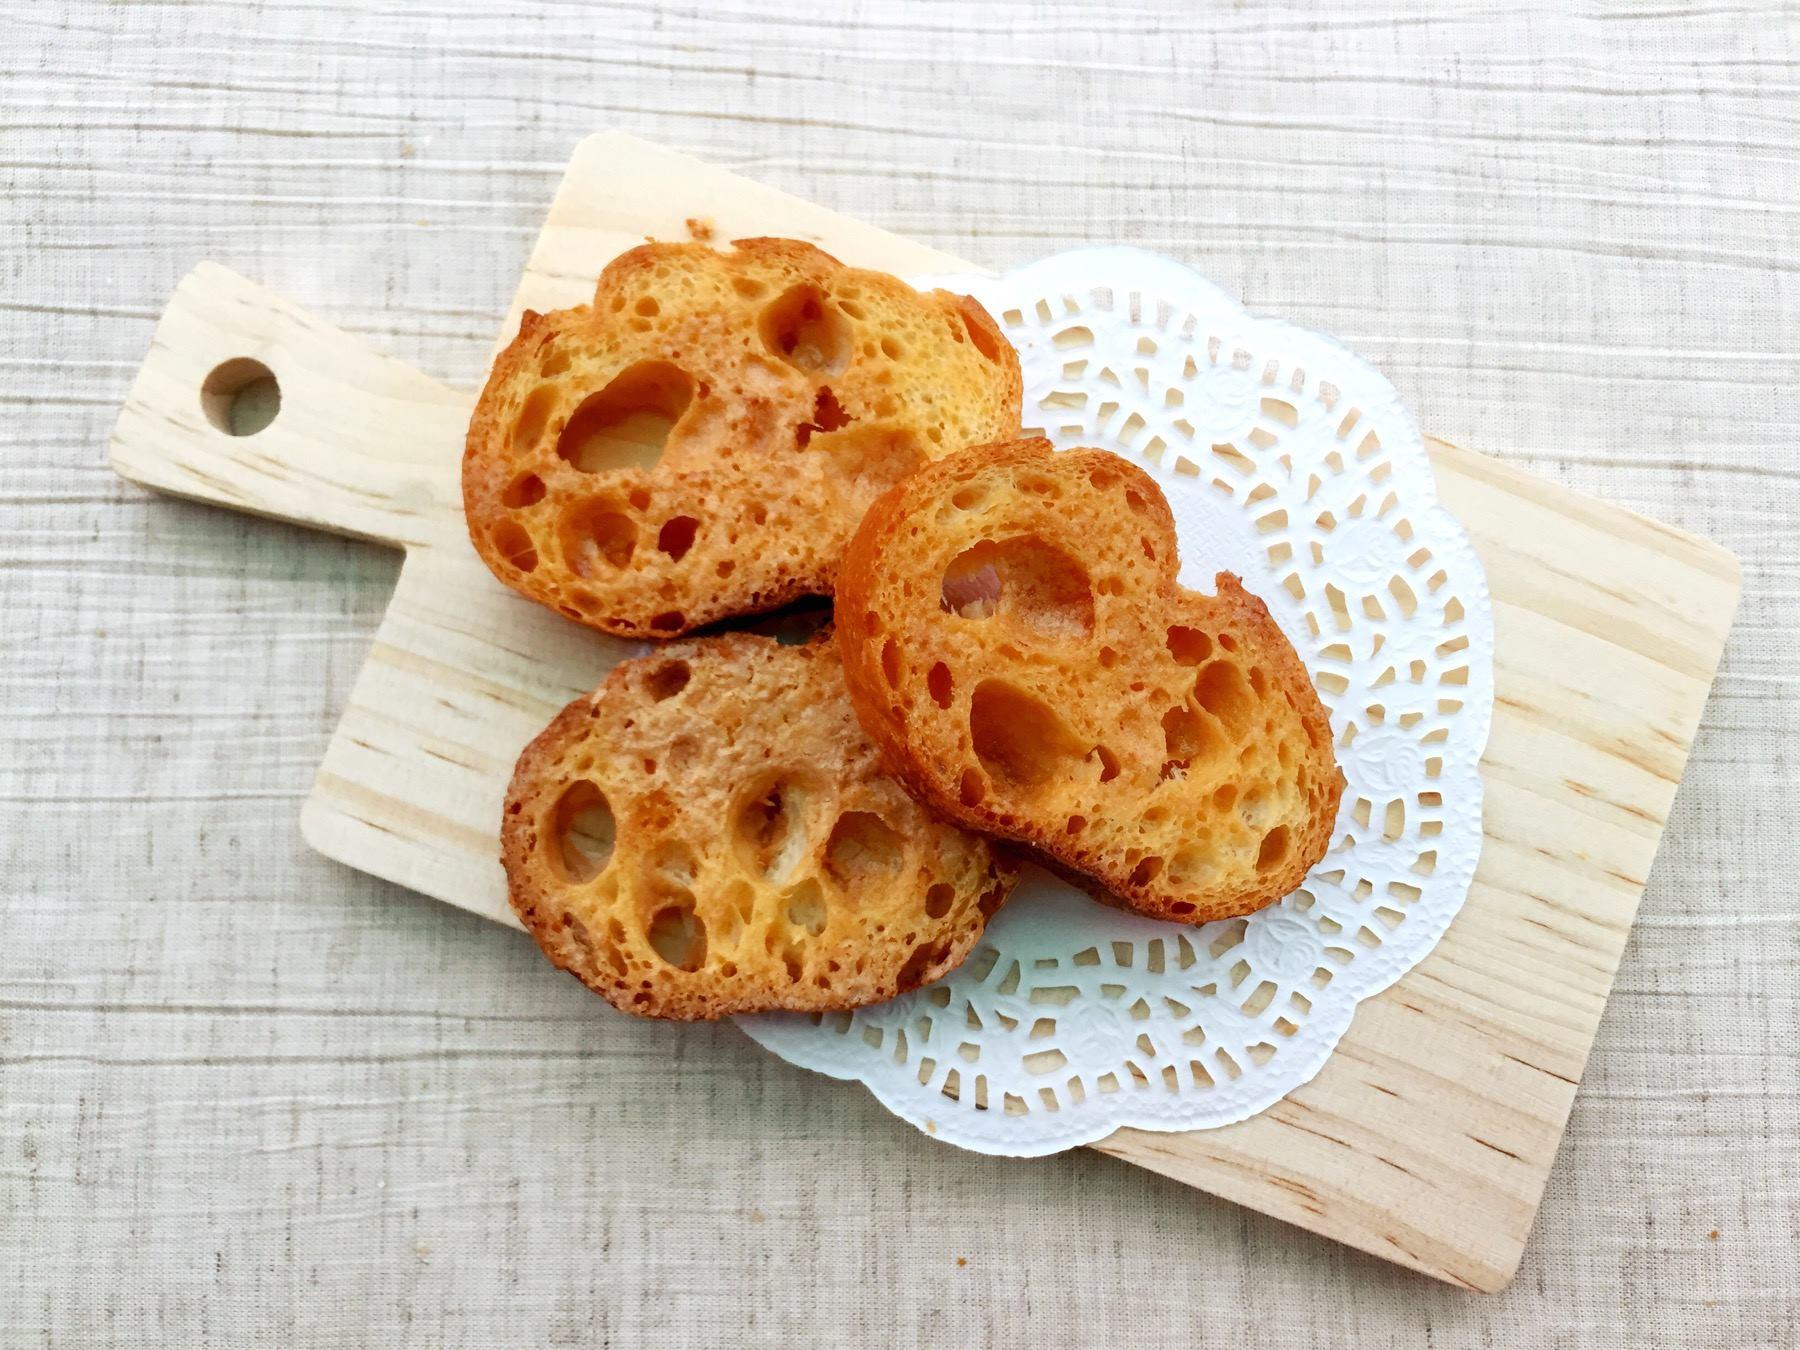 法國麵包脆餅 經典原味